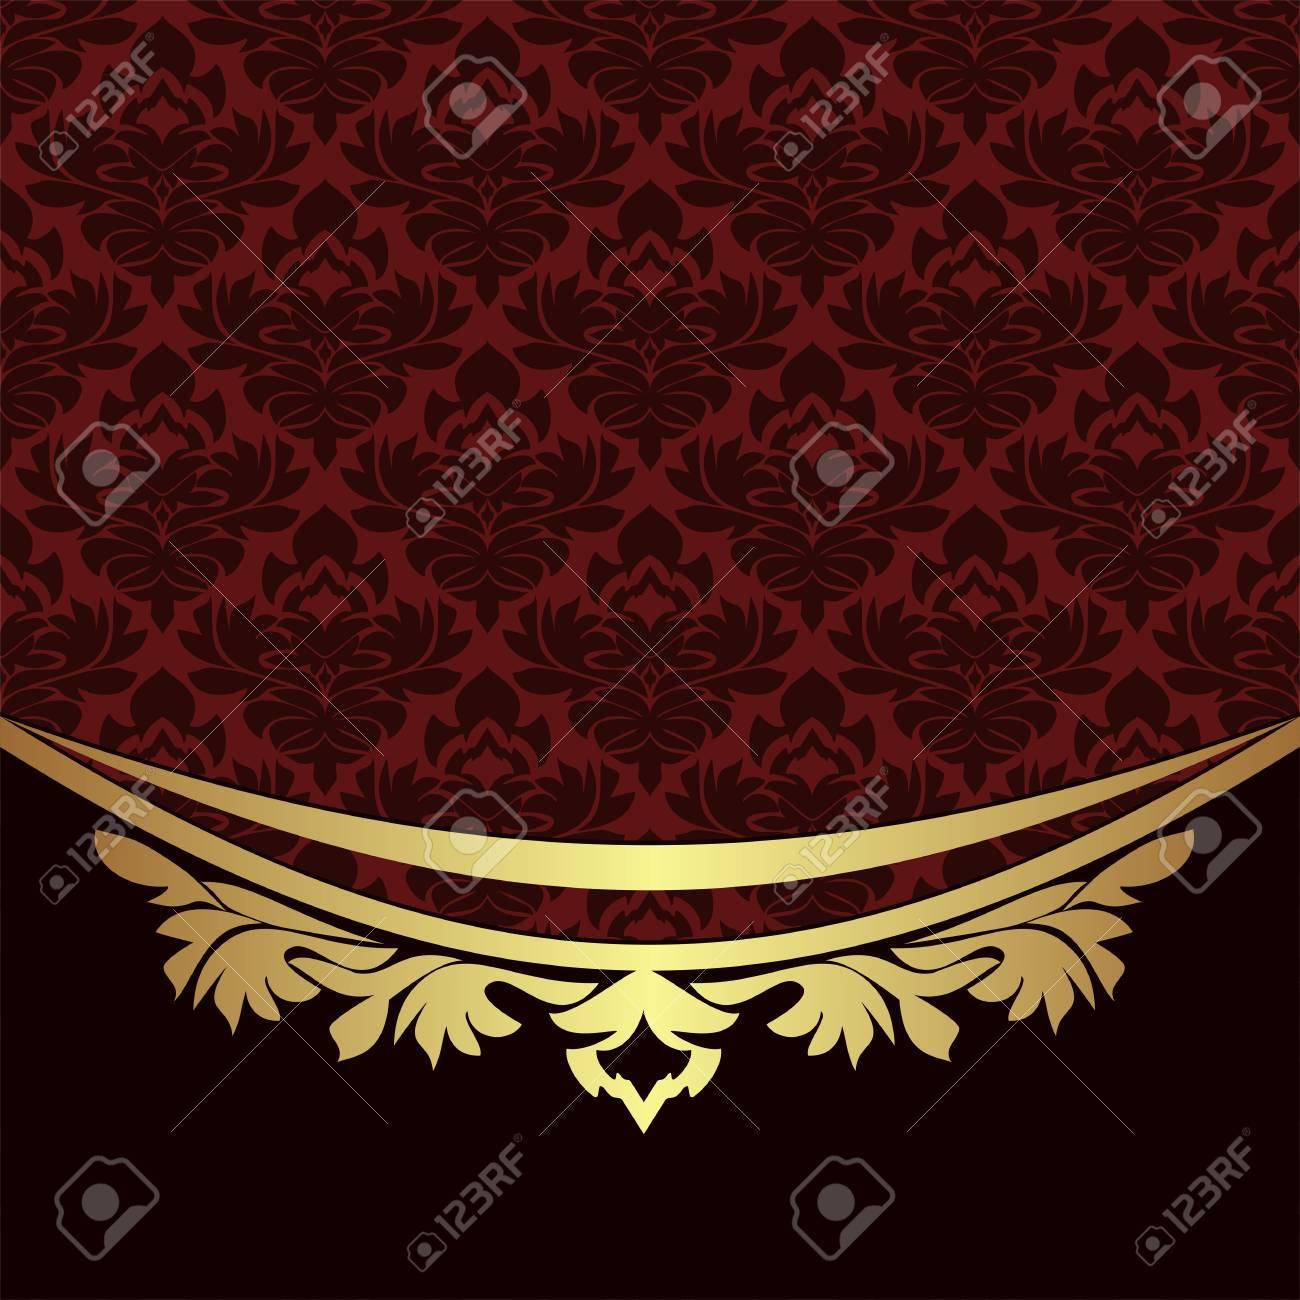 Elegant ornamental Background with golden floral Border - 103610162